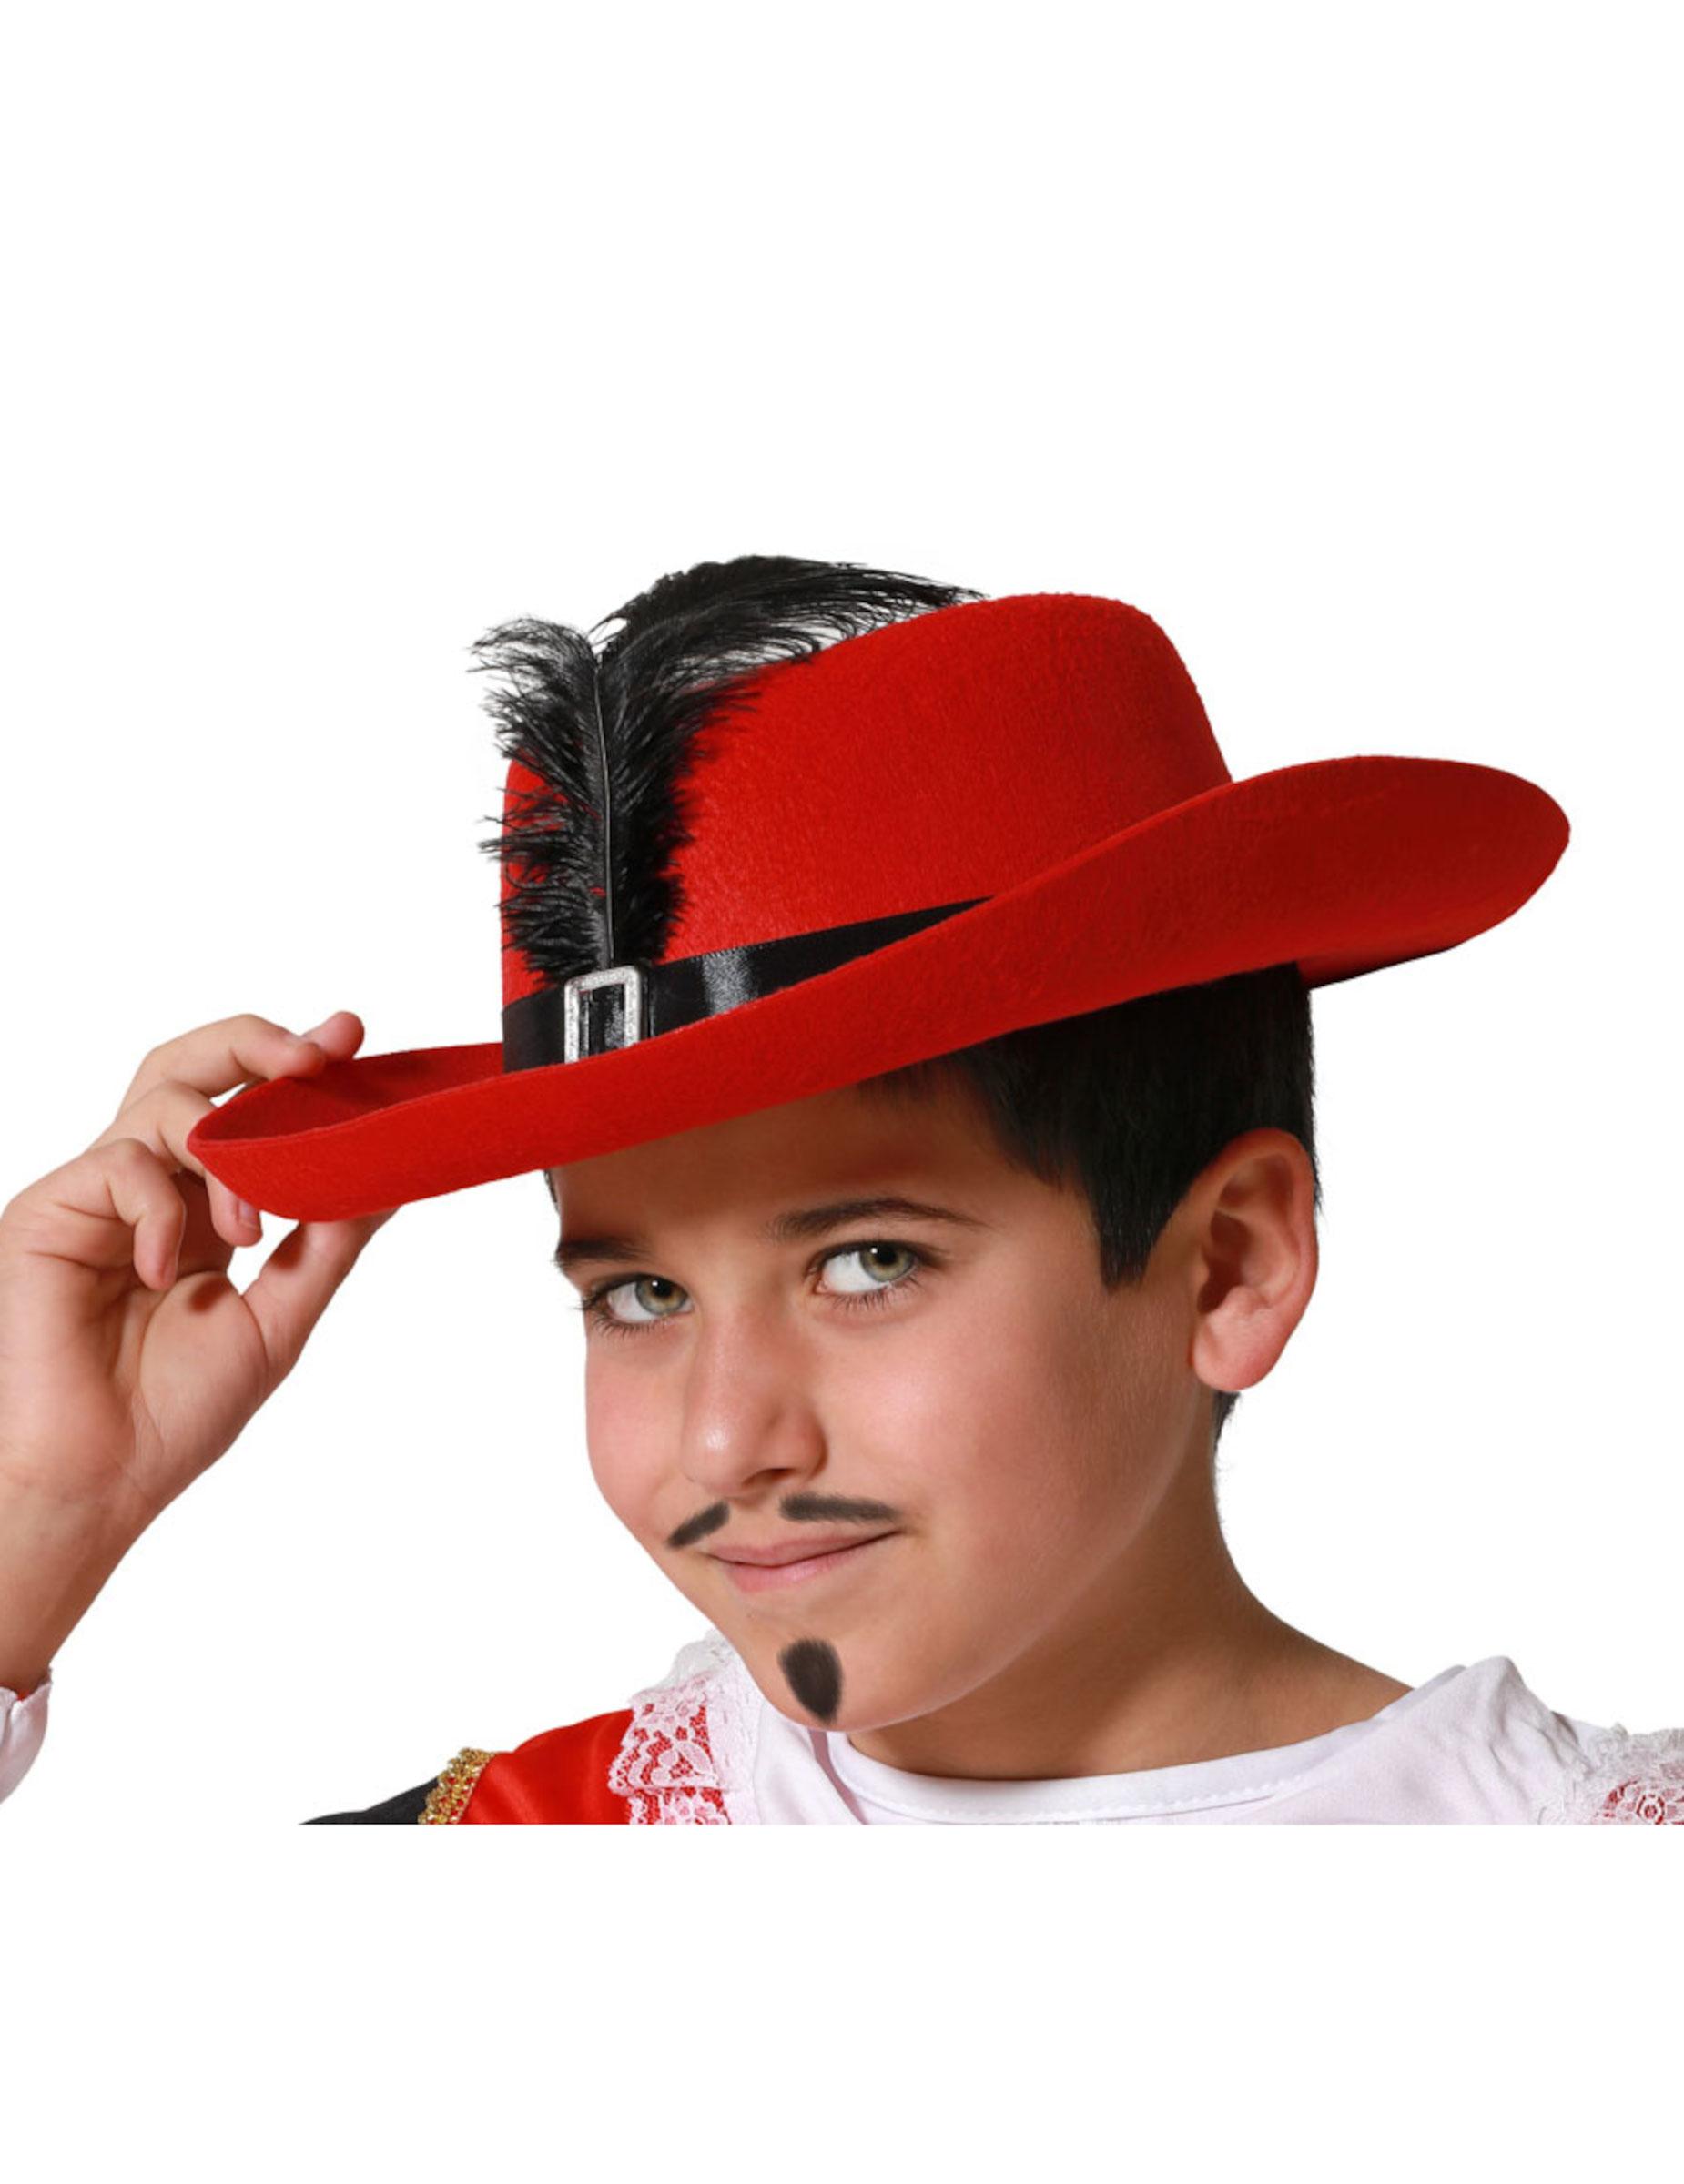 fe41847a4d29f Sombrero de mosquetero para niño  Sombreros